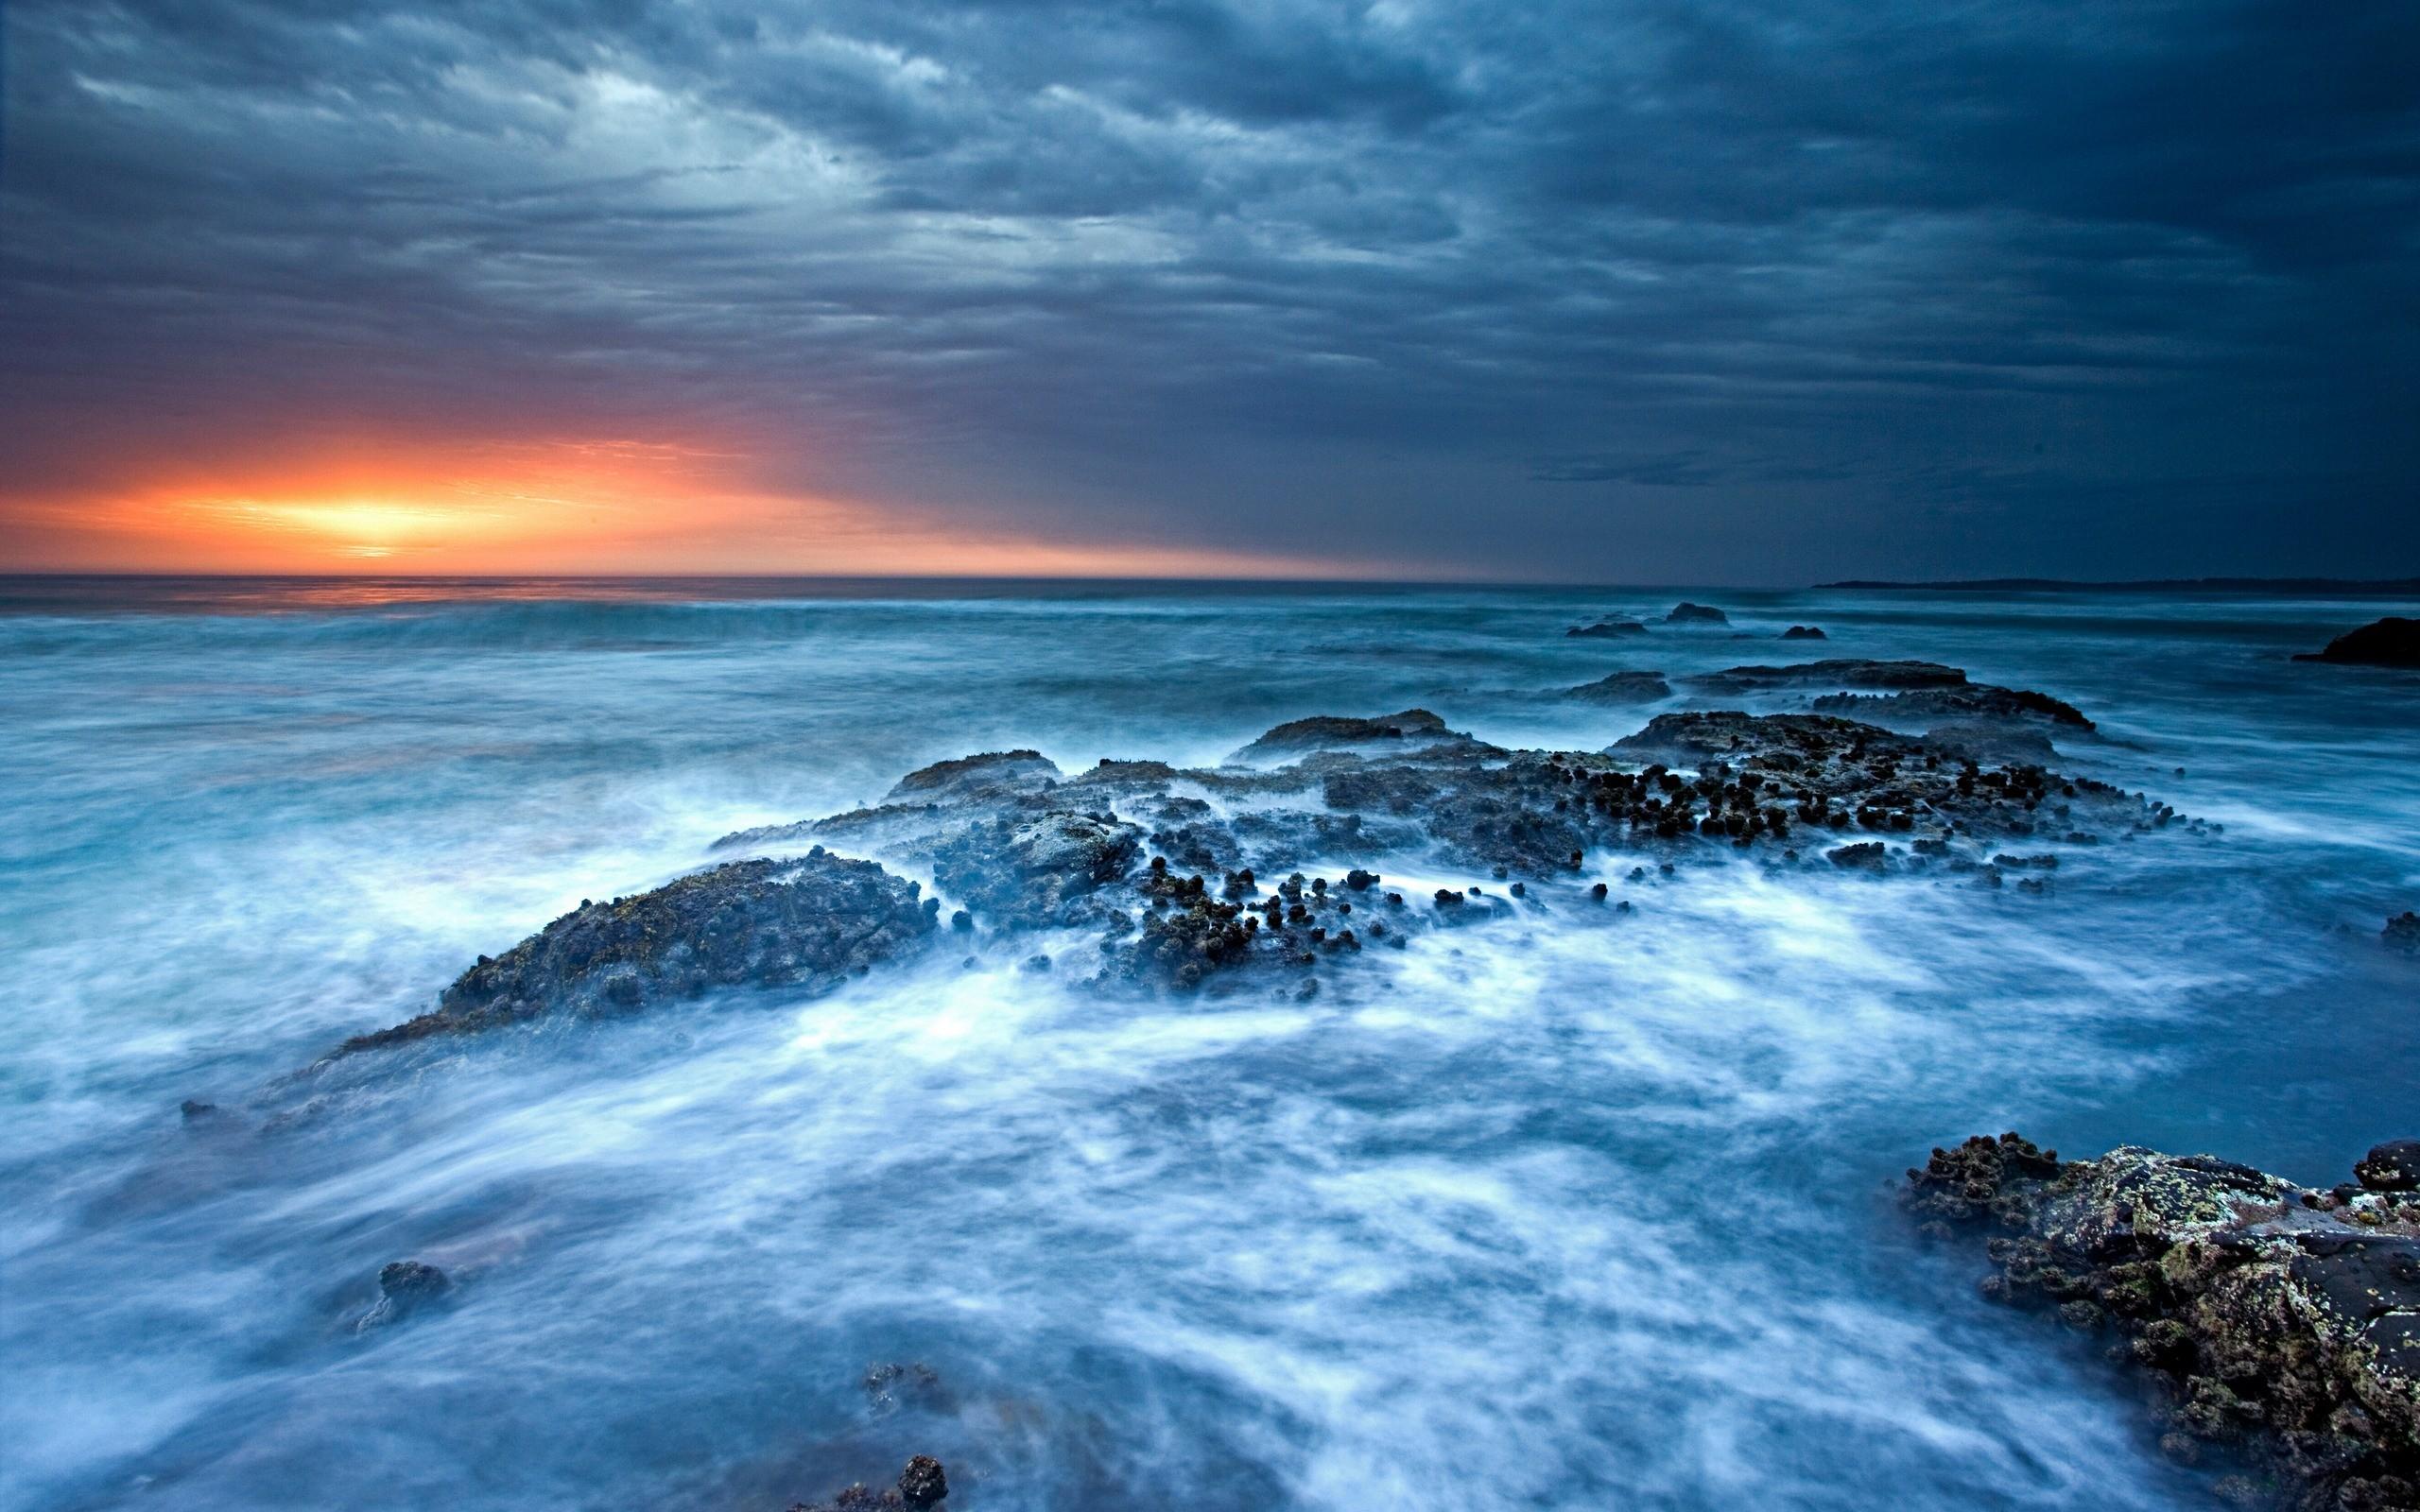 HD Awesome Ocean Sunset Widescreen High Definition Wallpaper Ocean 2560x1600